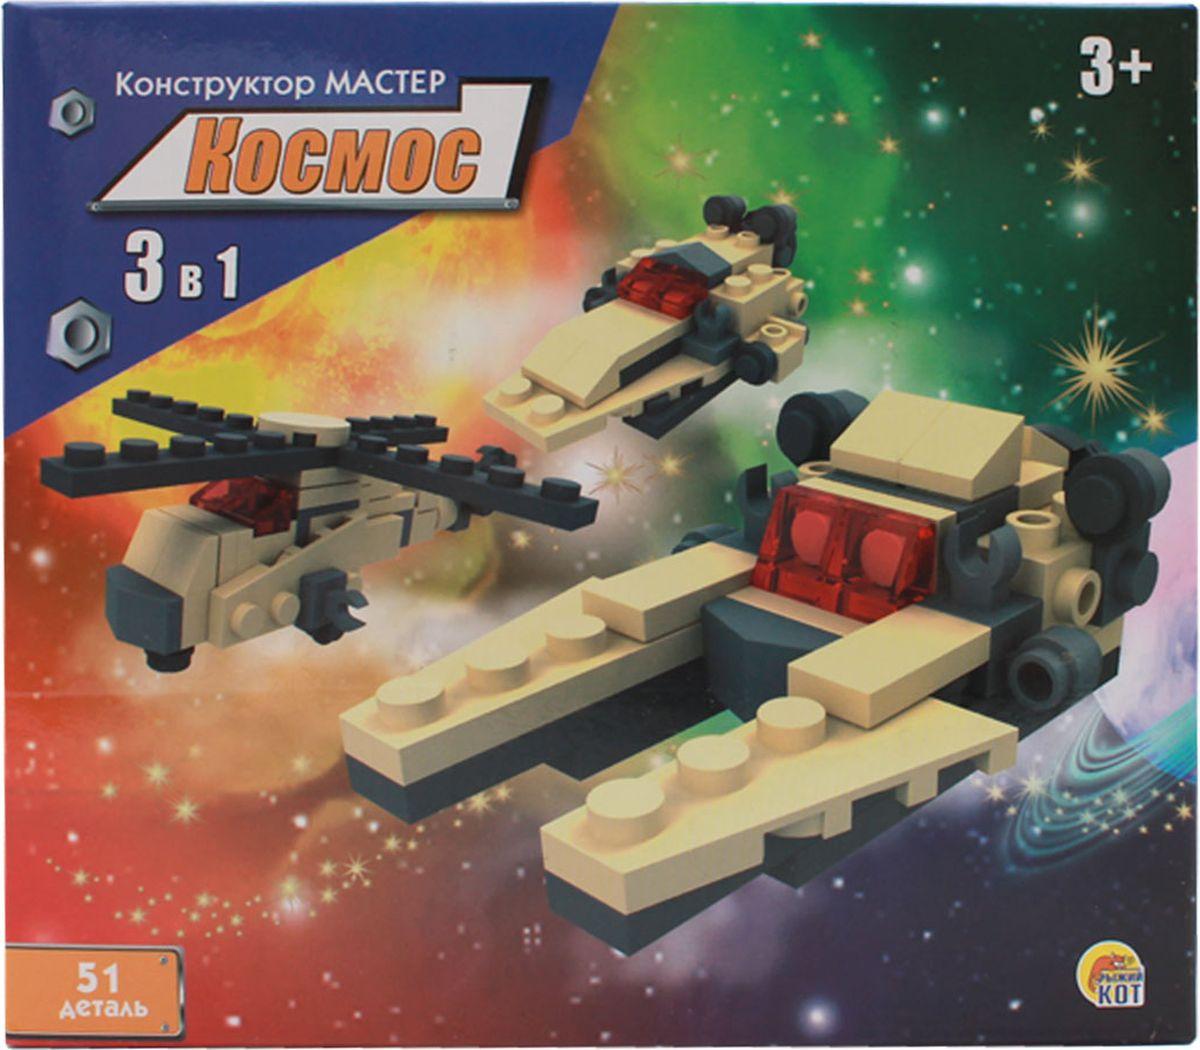 Рыжий Кот Конструктор 3 в 1 Космос рыжий кот обучающие карточки космос